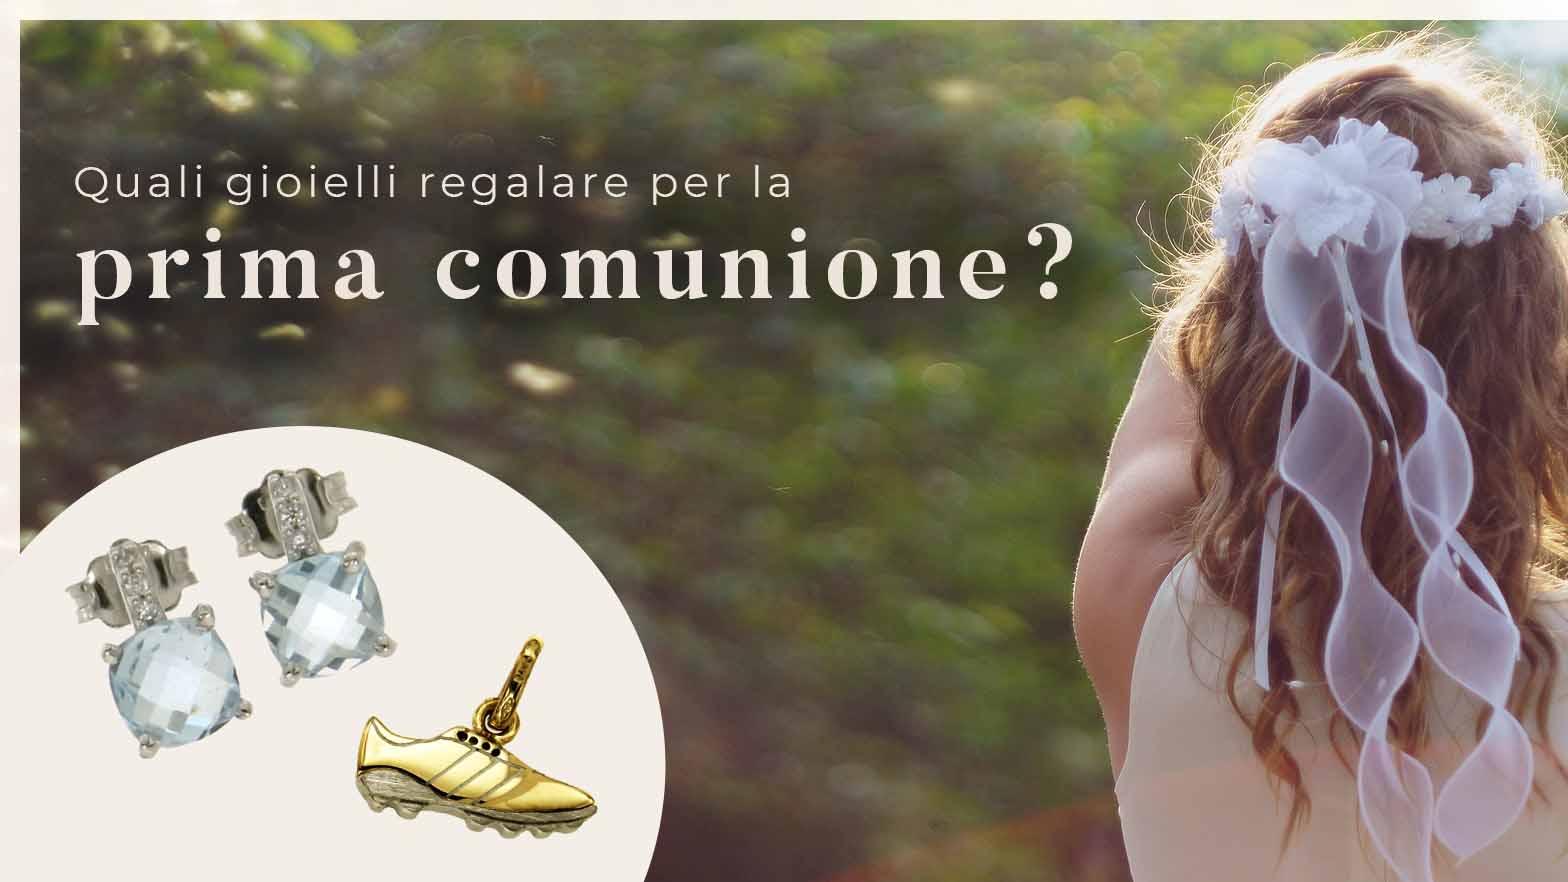 Quali gioielli regalare per prima comunione | Il Bello del Lusso Blog